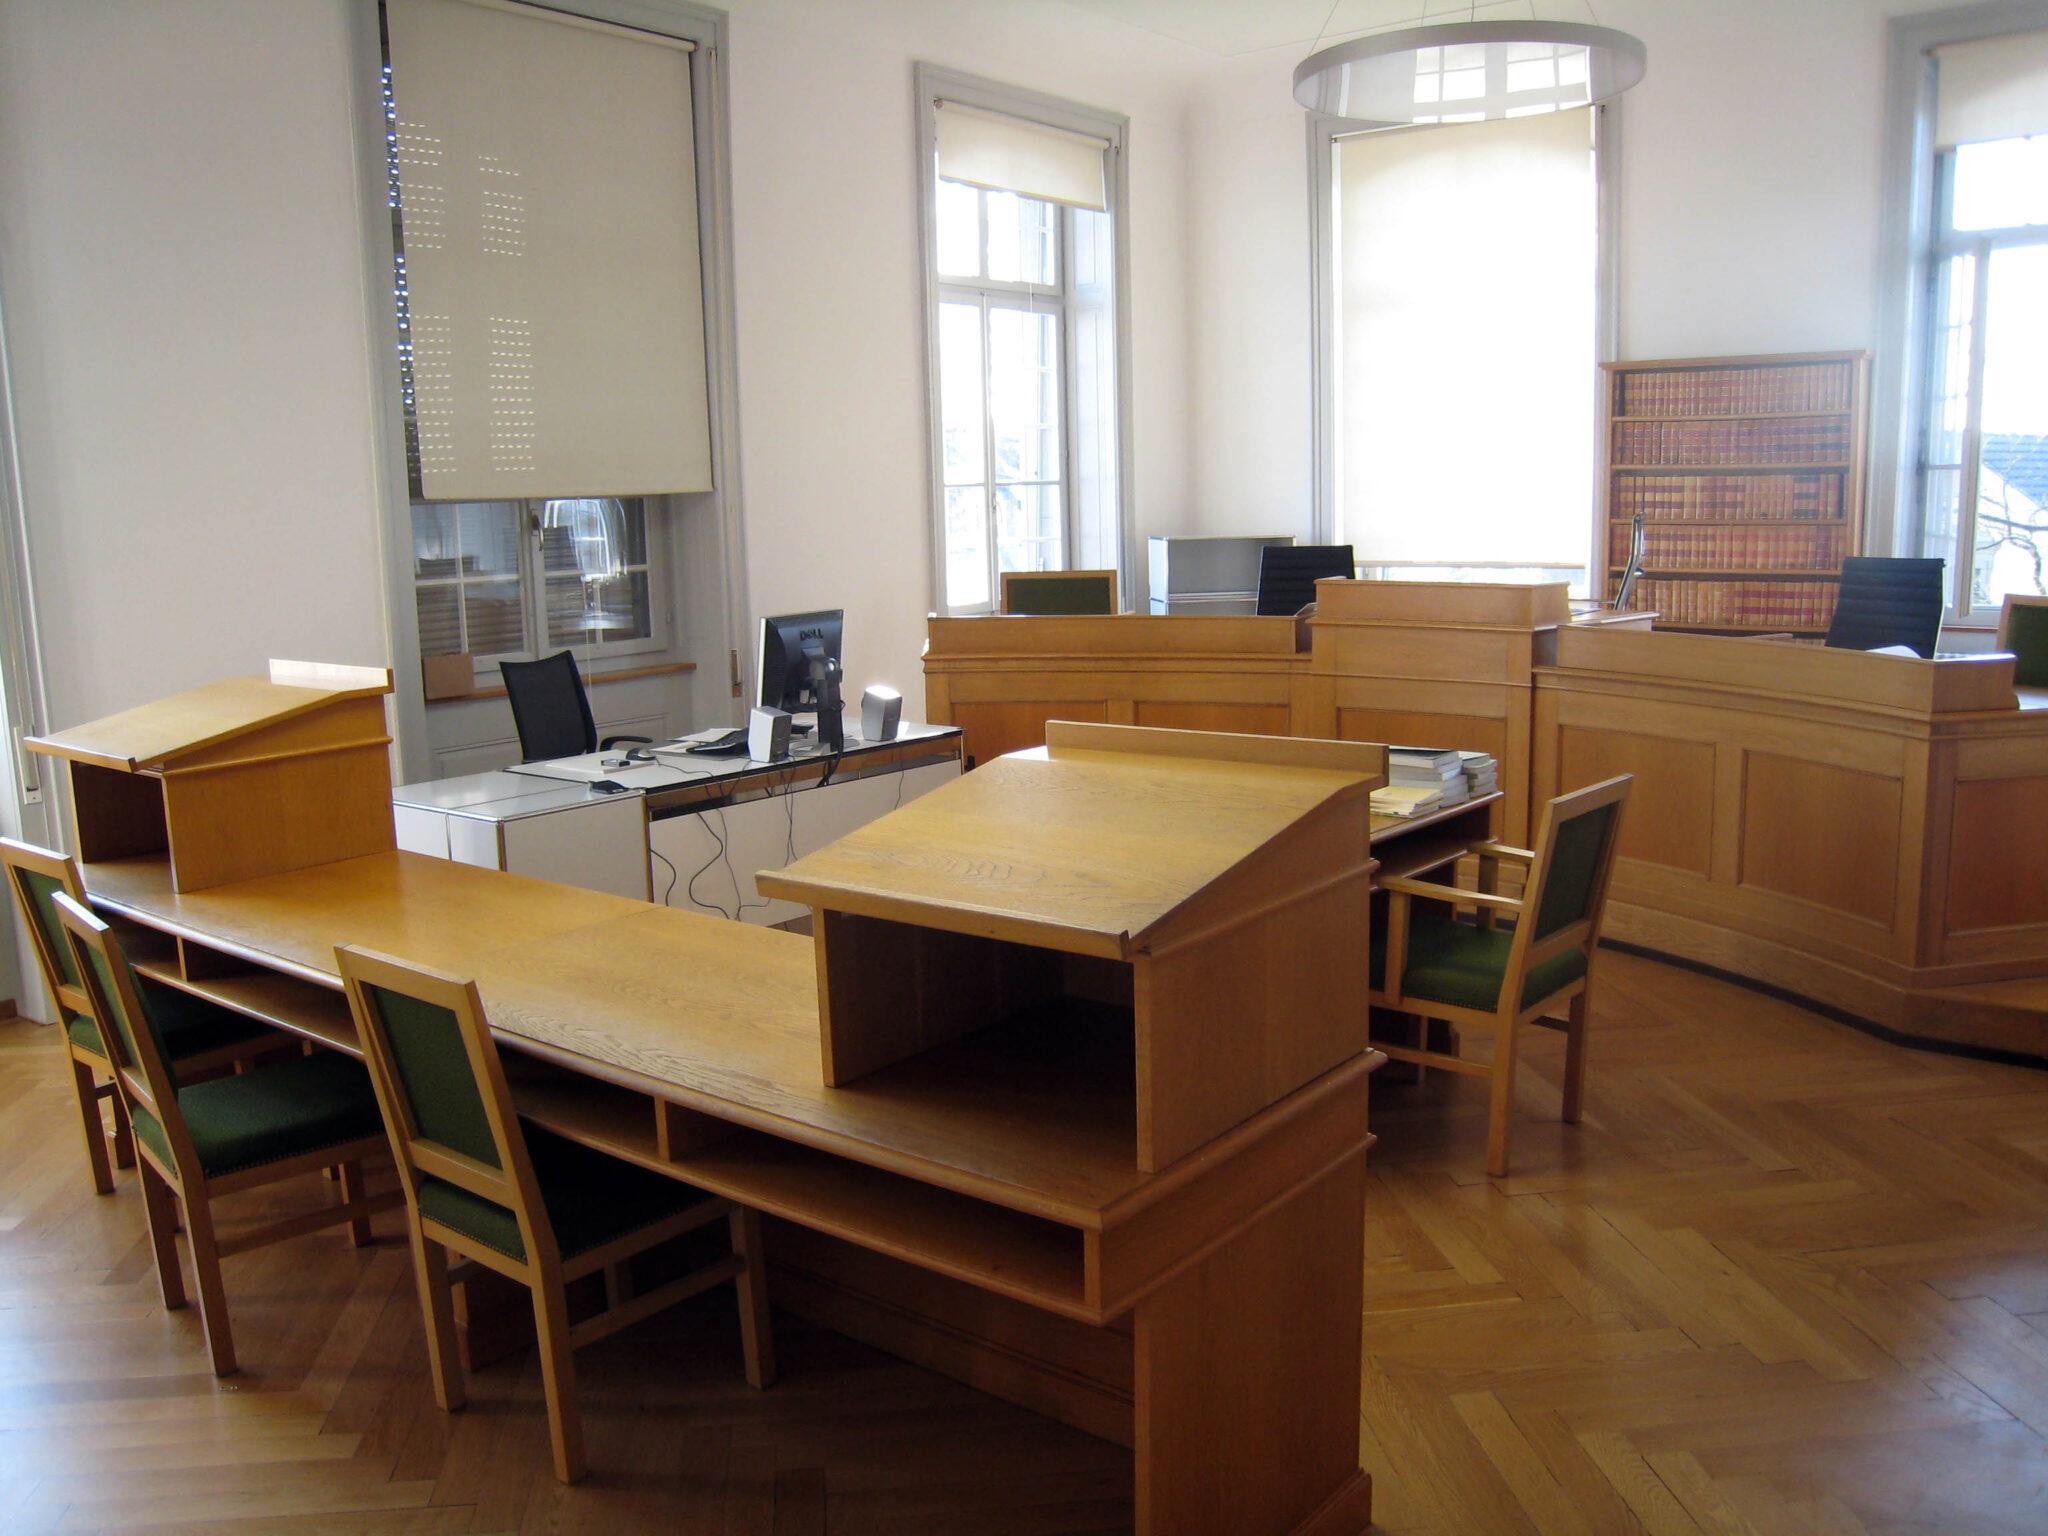 Ein kleiner Audienzsaal am Obergericht im Kanton Bern.